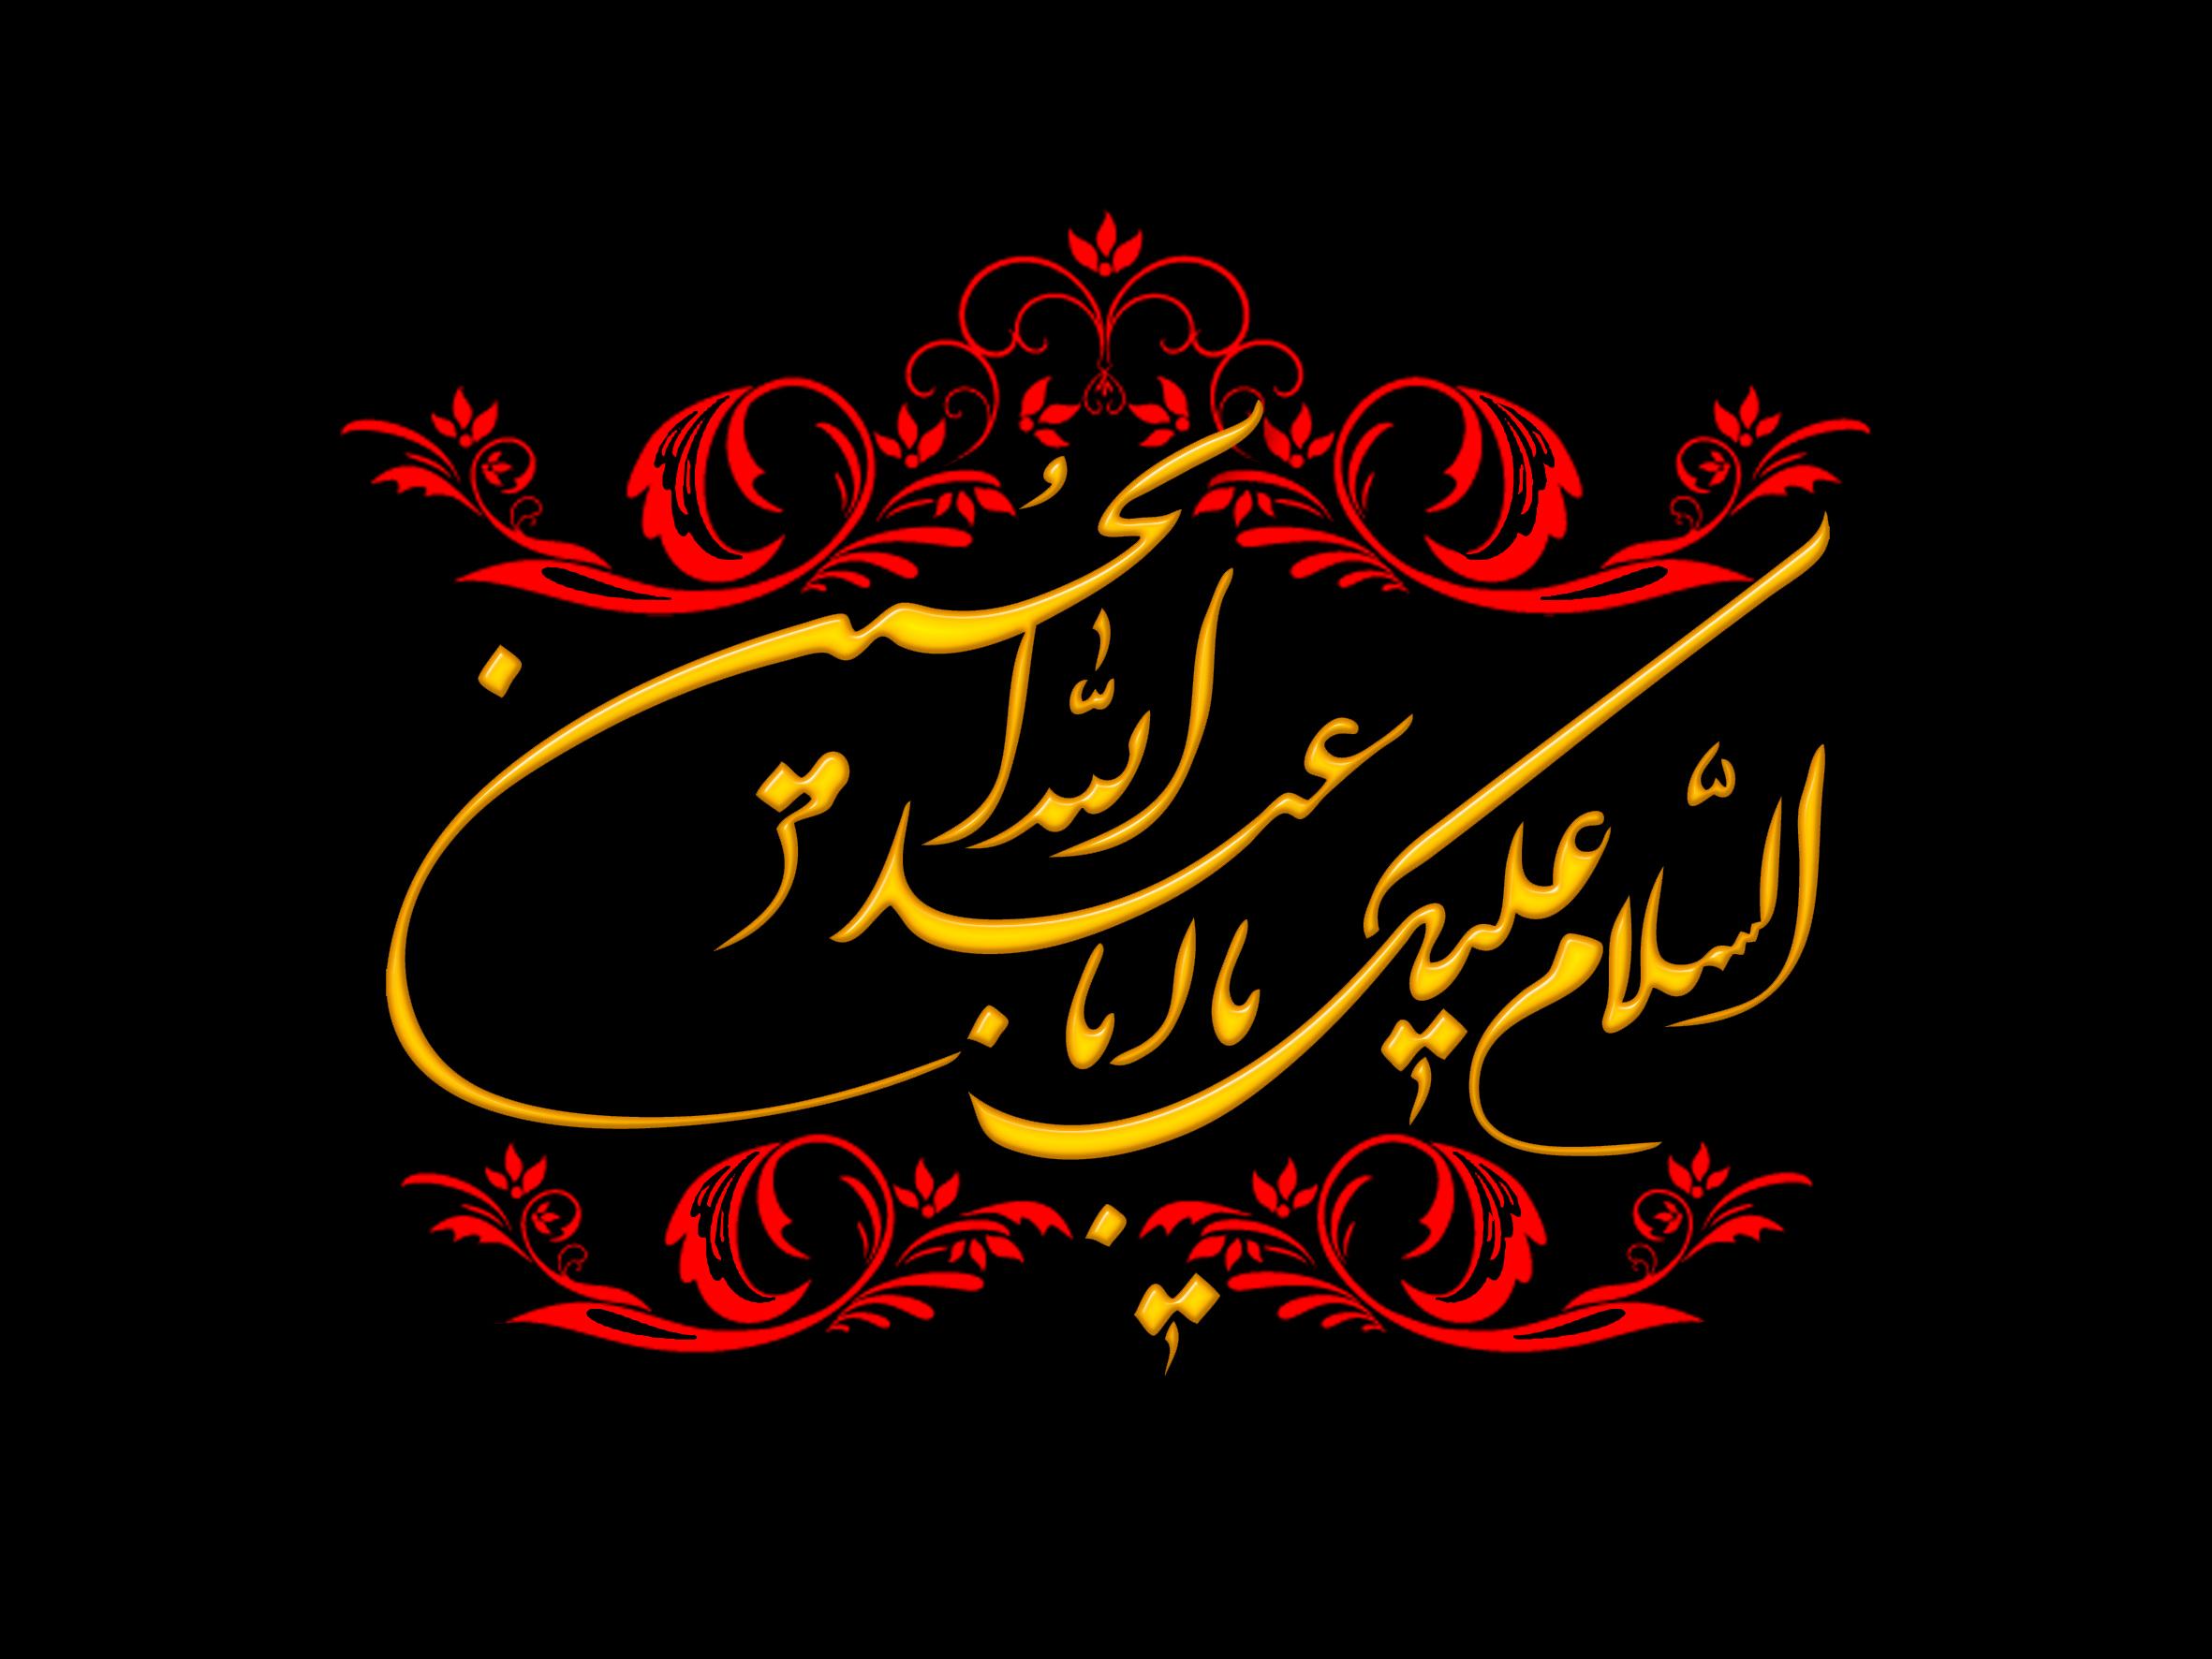 تیزر عزاداری هیئت عزاداران سیدالشهدا-مسجد حاج علوان